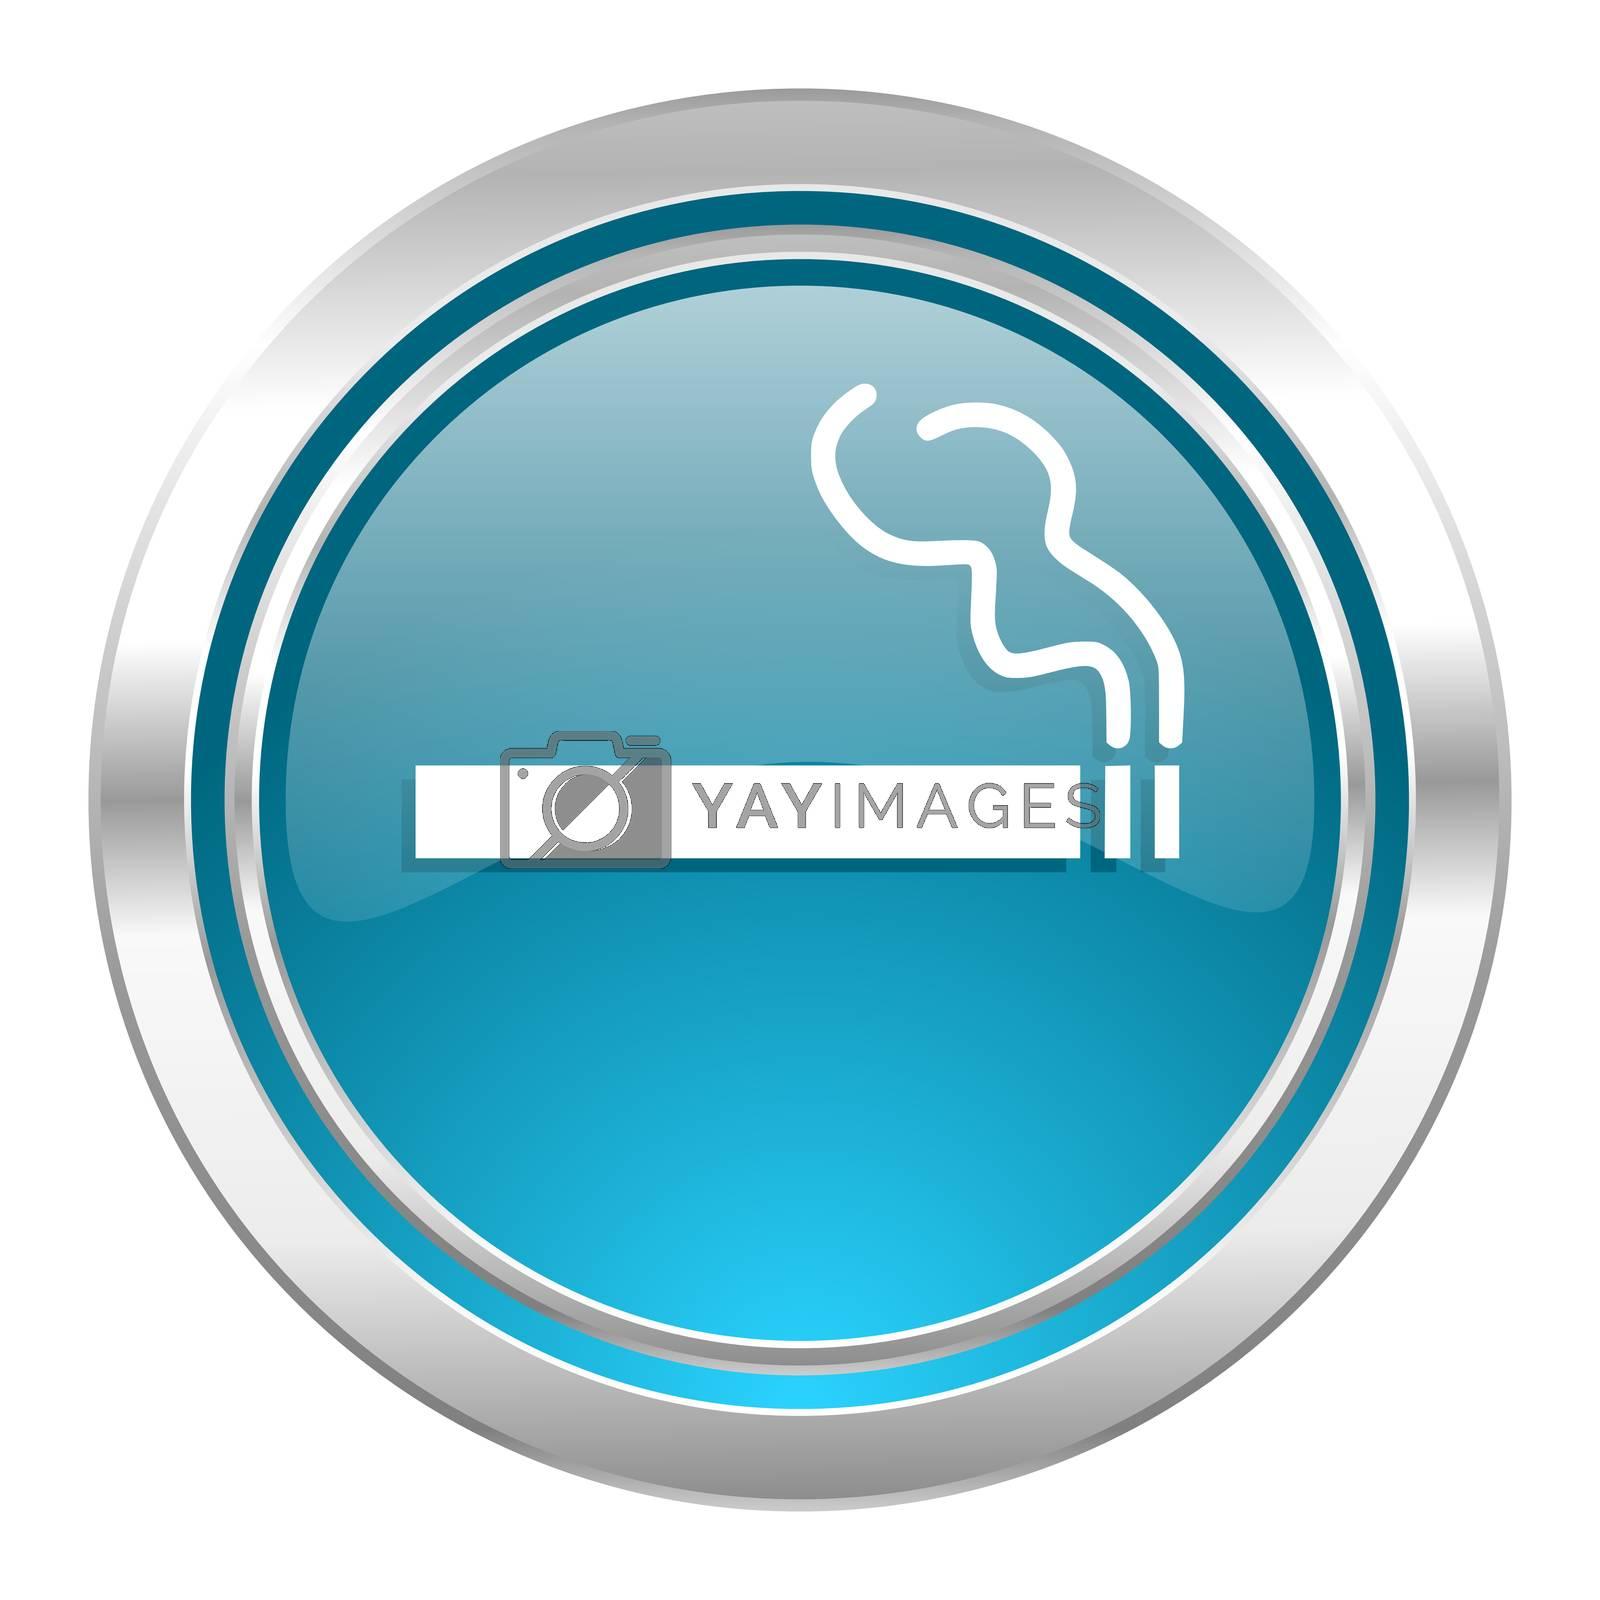 cigarette icon, nicotine sign